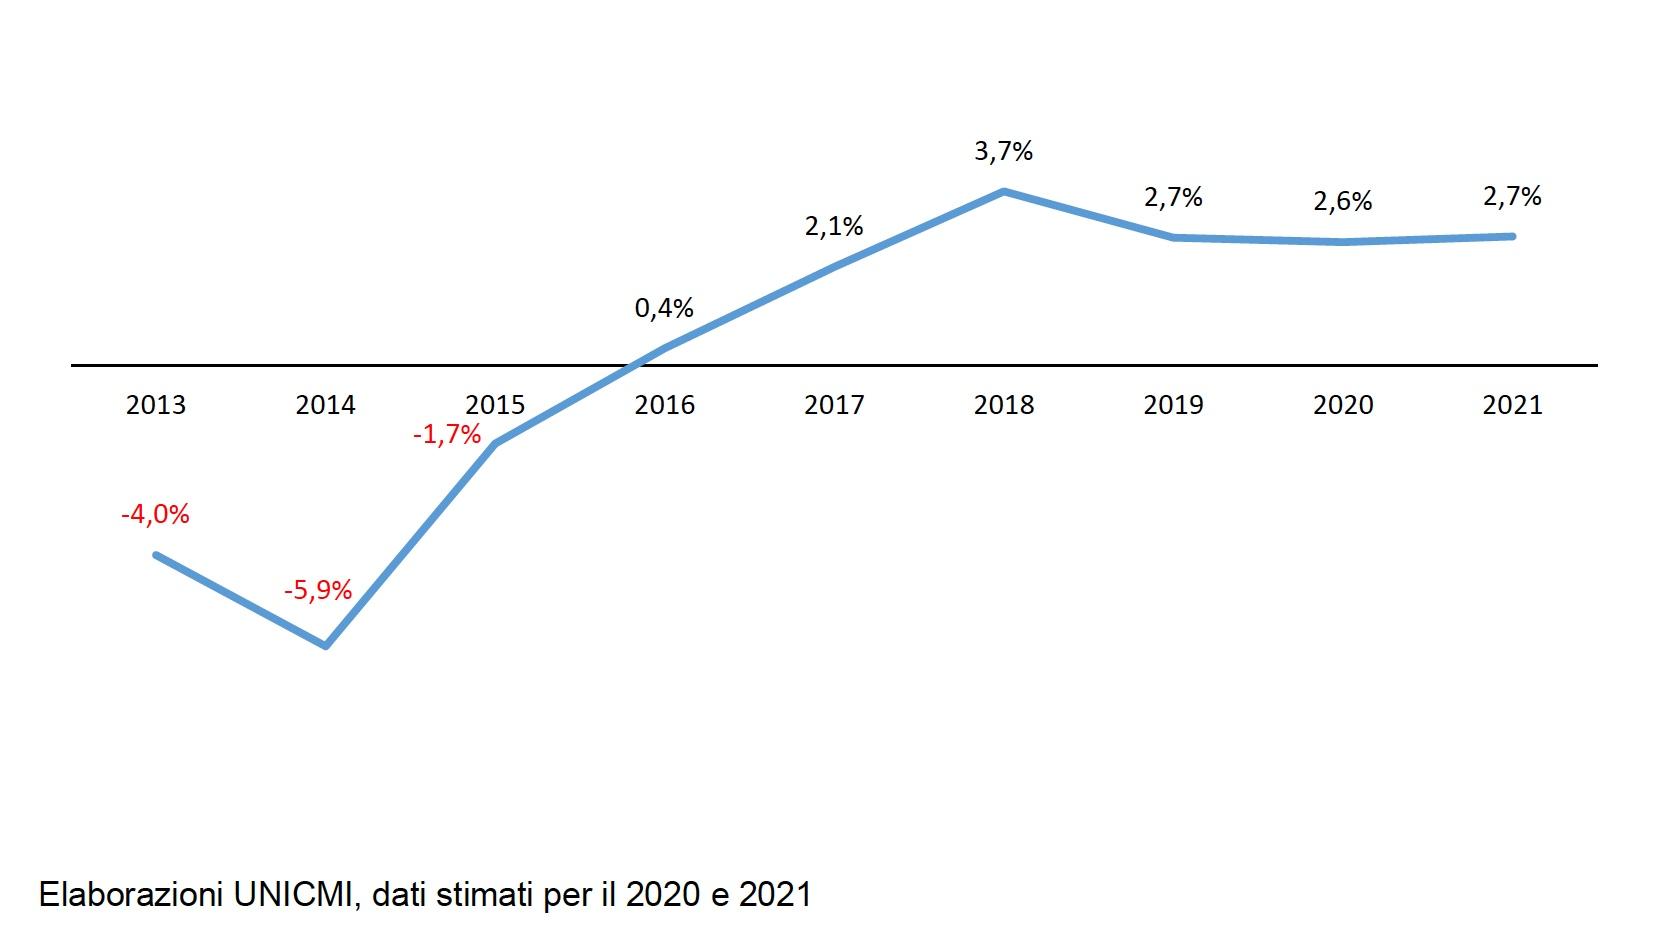 Tasso di crescita dei ricavi nel settore dei serramenti e delle facciate continue